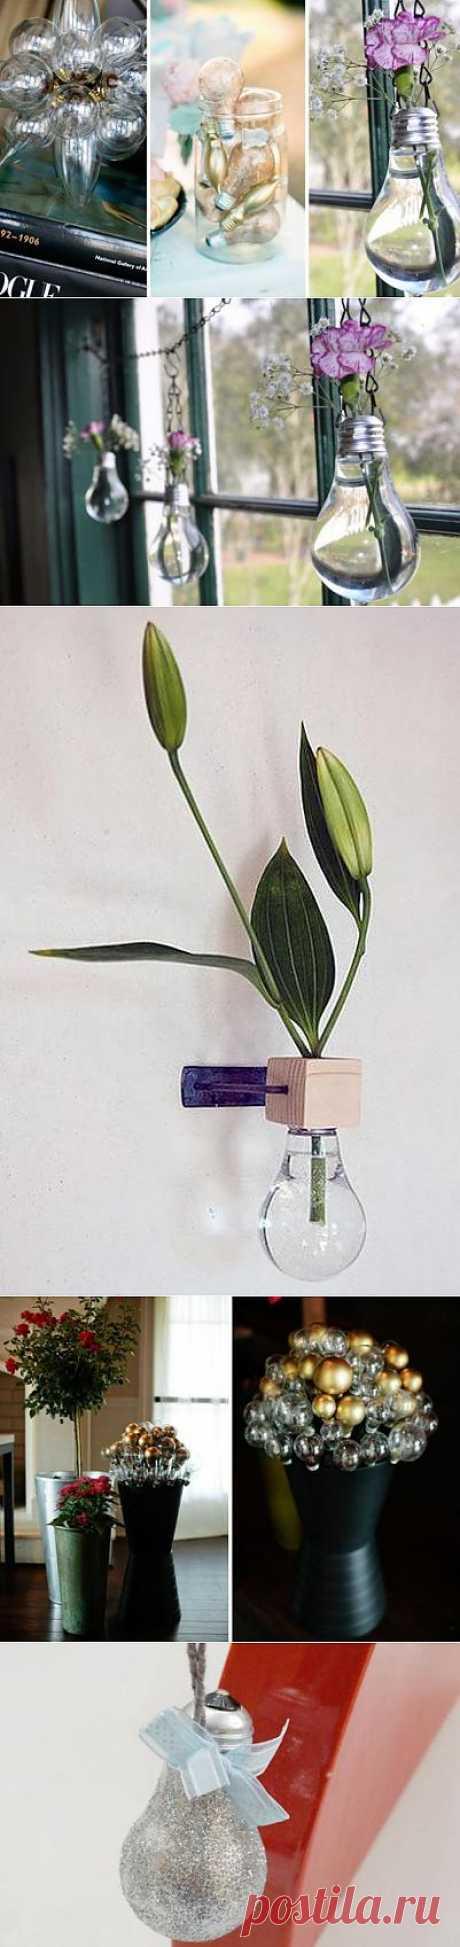 ТОП-10 гениальных идей повторного использования лампочек в интерьере | Идеи вашего дома | Архитектура и интерьер